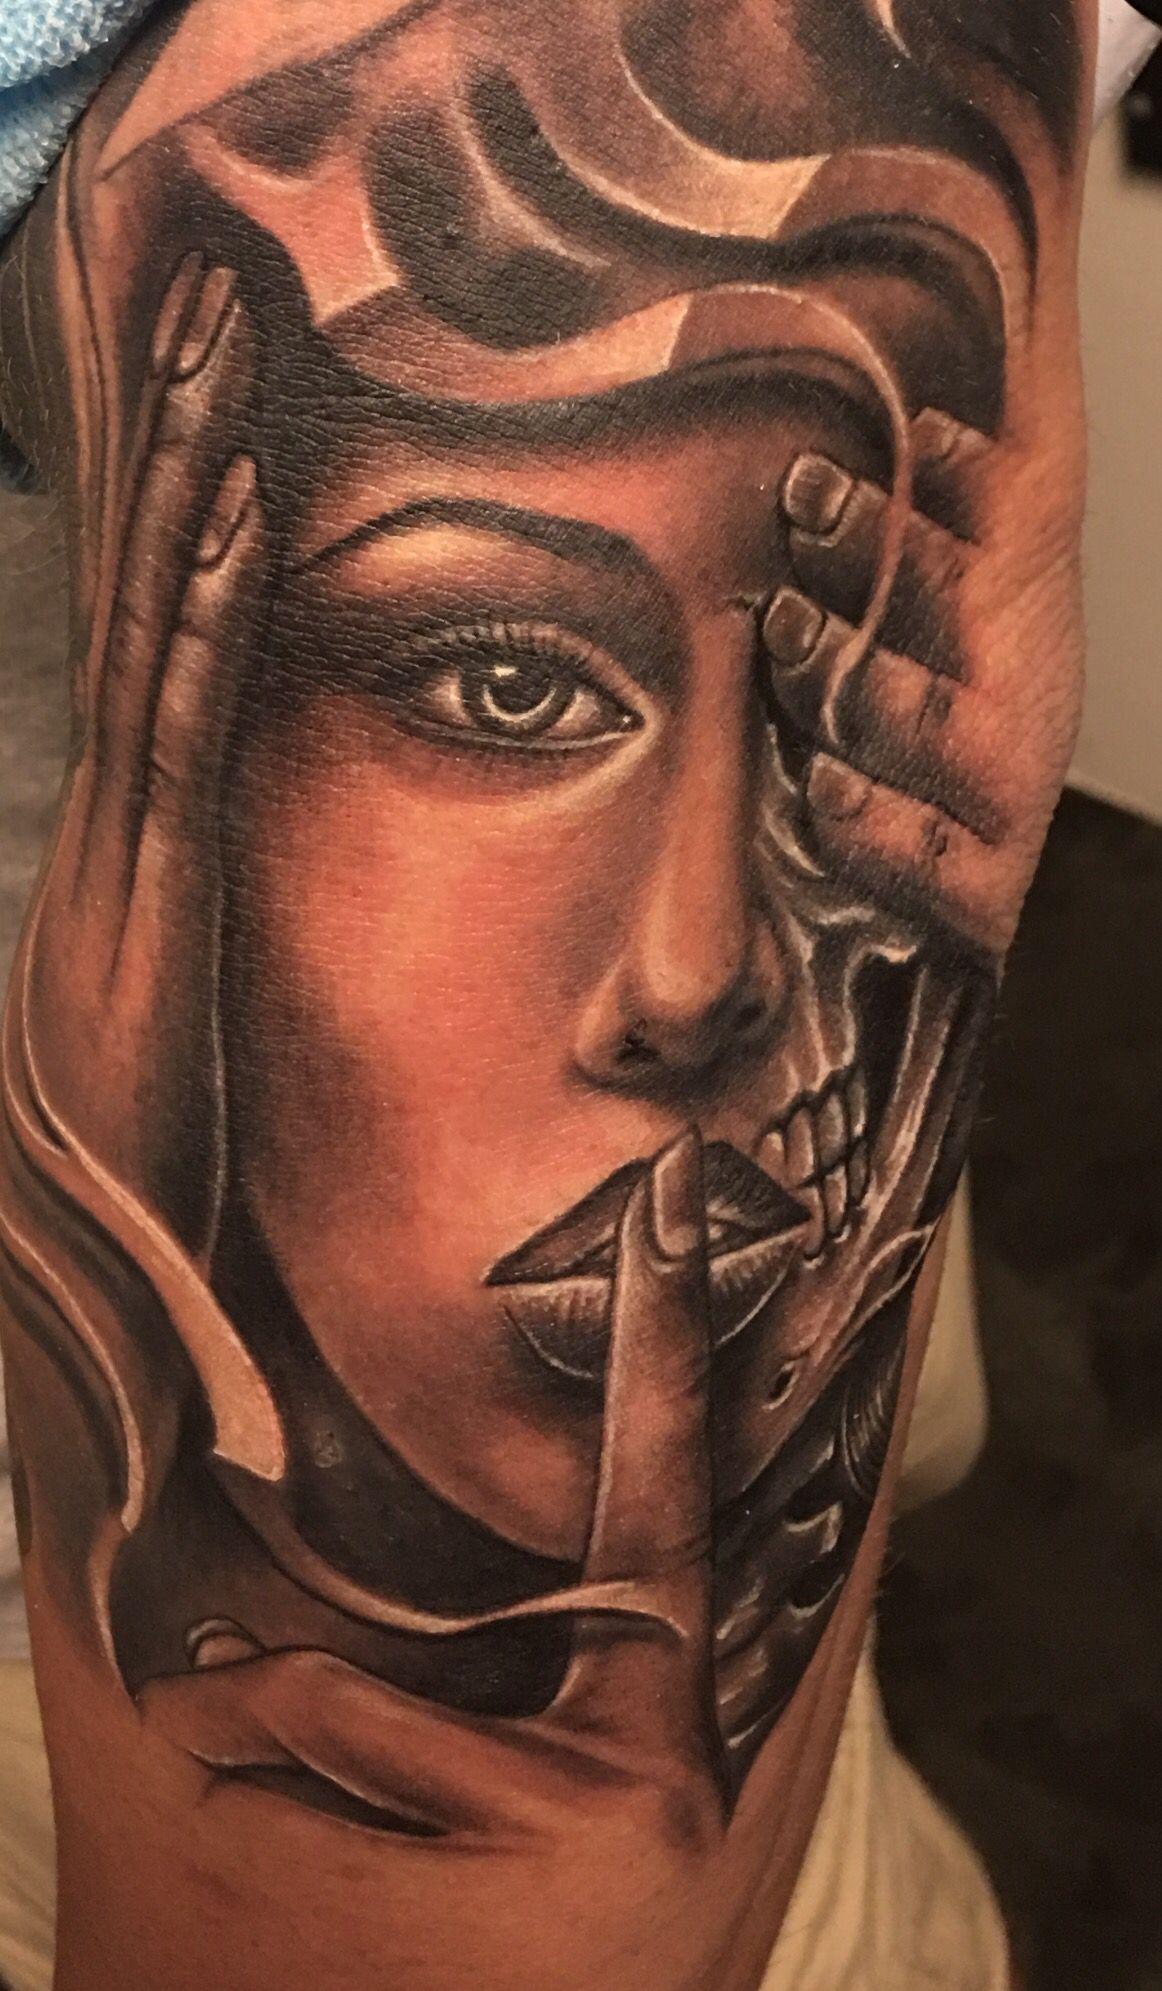 No Evil Tattoo : tattoo, Evil,, Speak, Tattoo., Tattoo,, Tattoos,, Skull, Tattoos